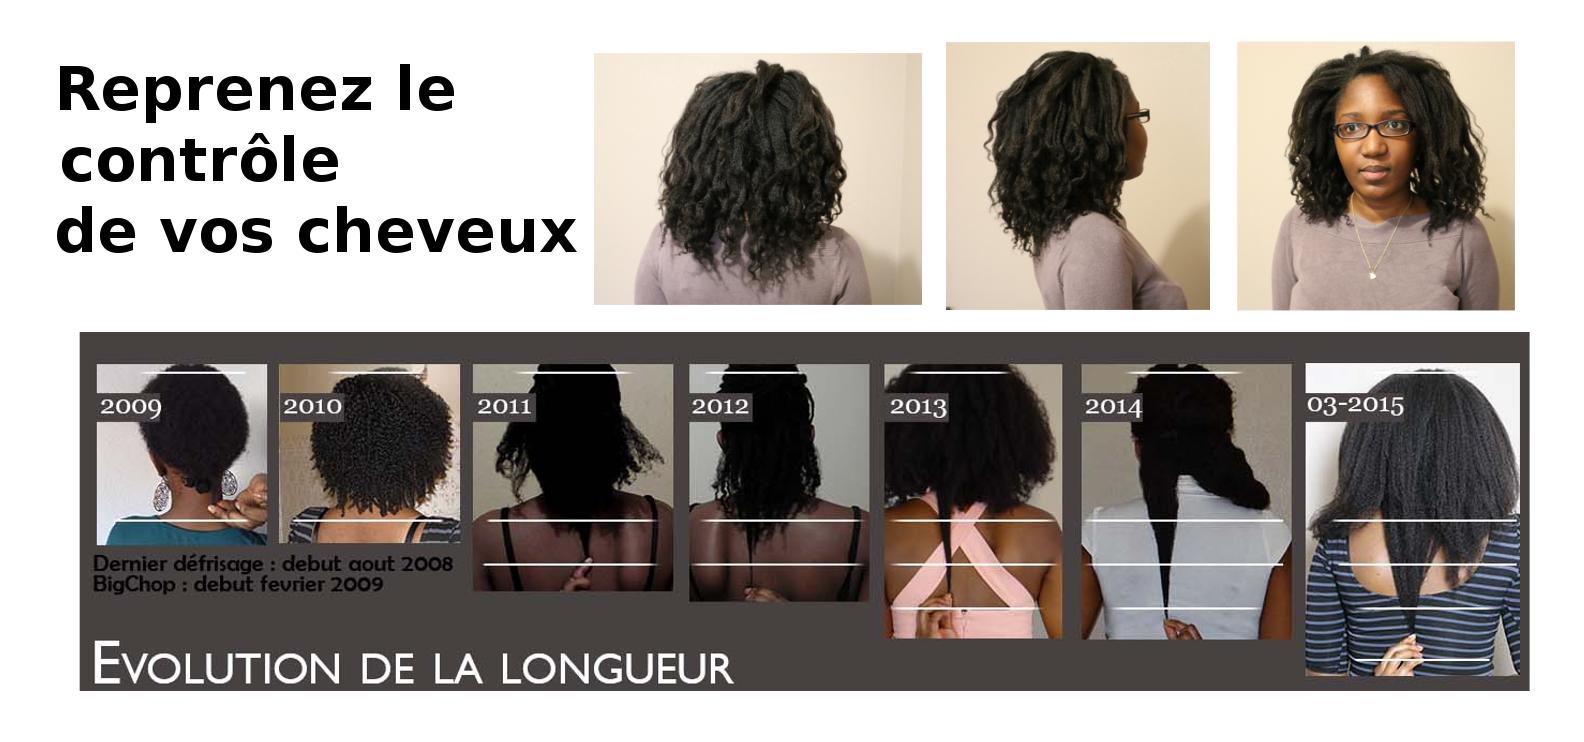 evolution_de_la_longueur_de_maelle